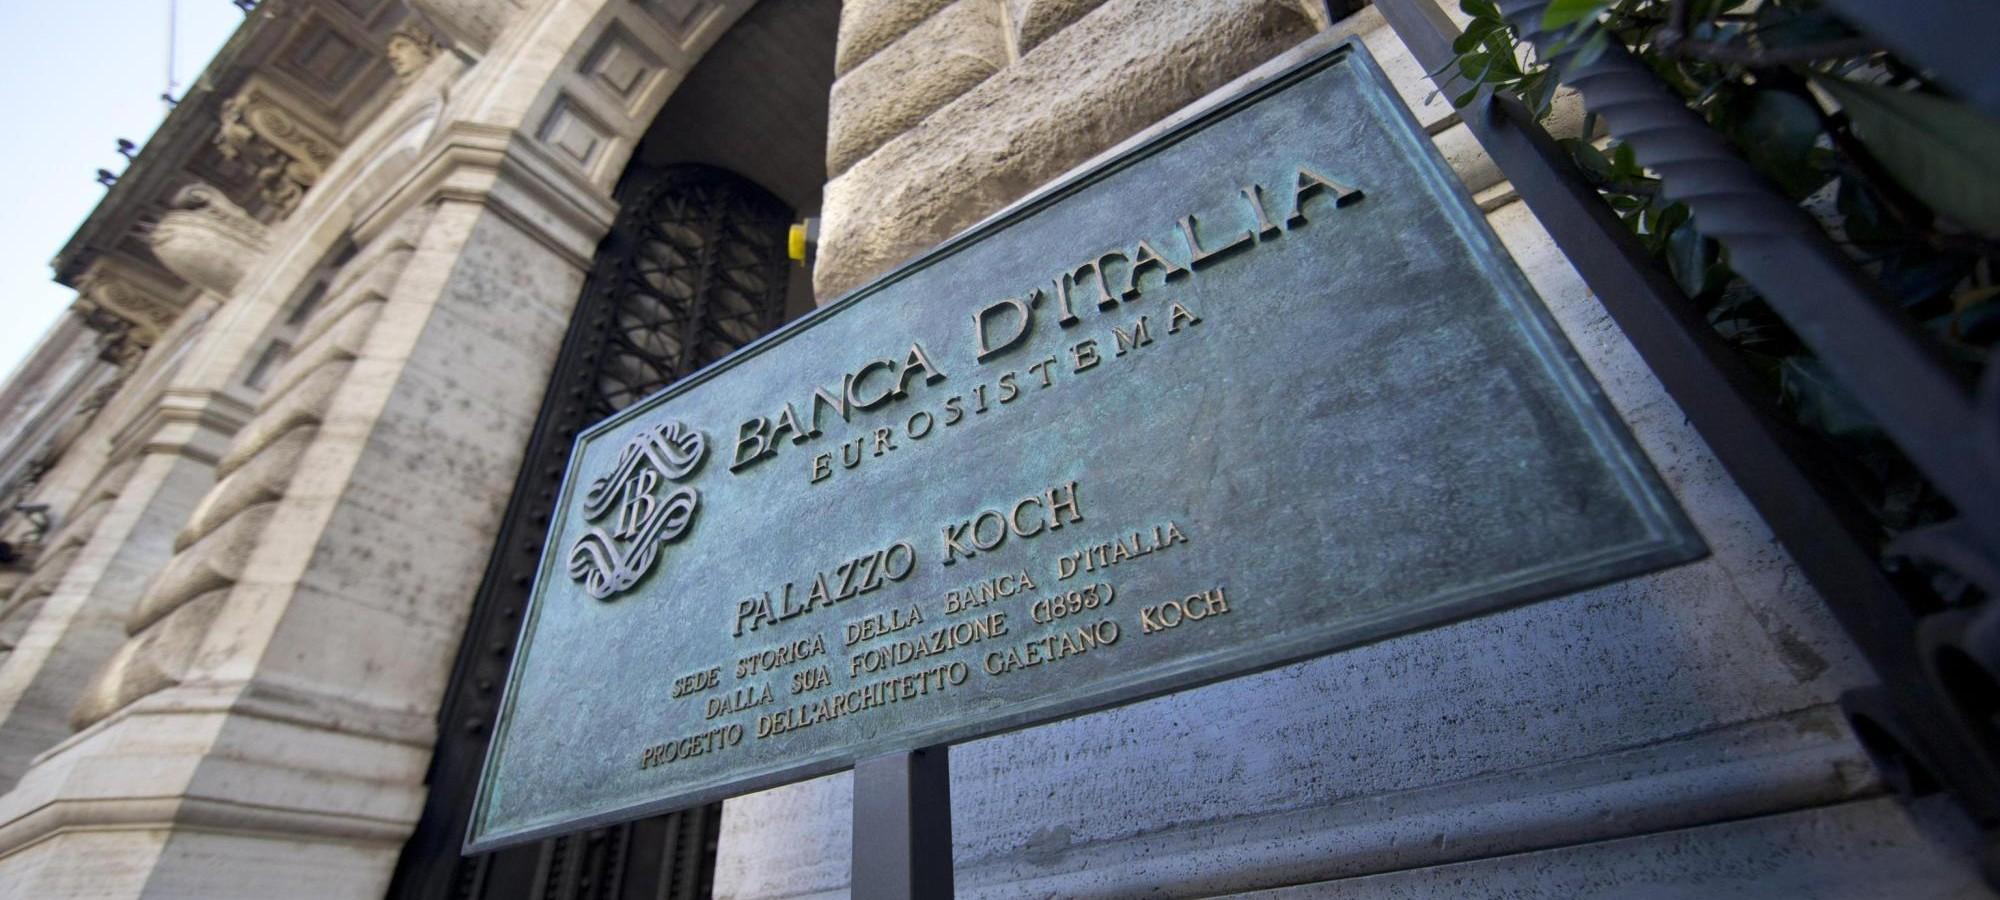 debito pubblico bankitalia